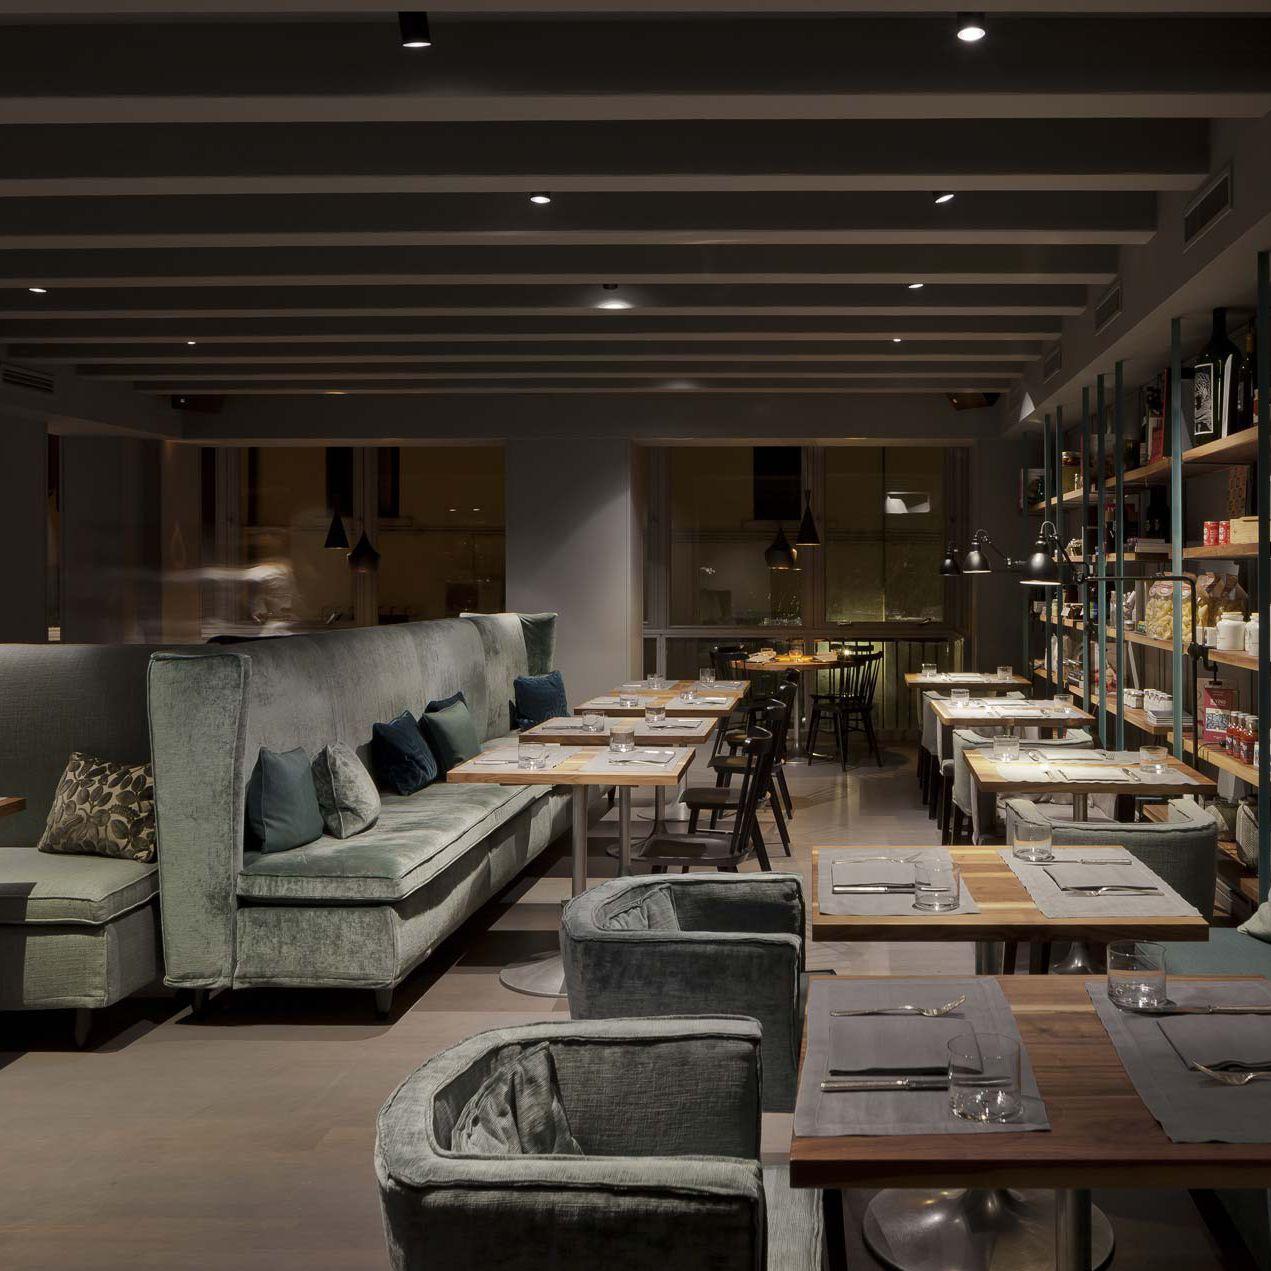 villevenete restaurant einrichtung daunenspiel. Black Bedroom Furniture Sets. Home Design Ideas